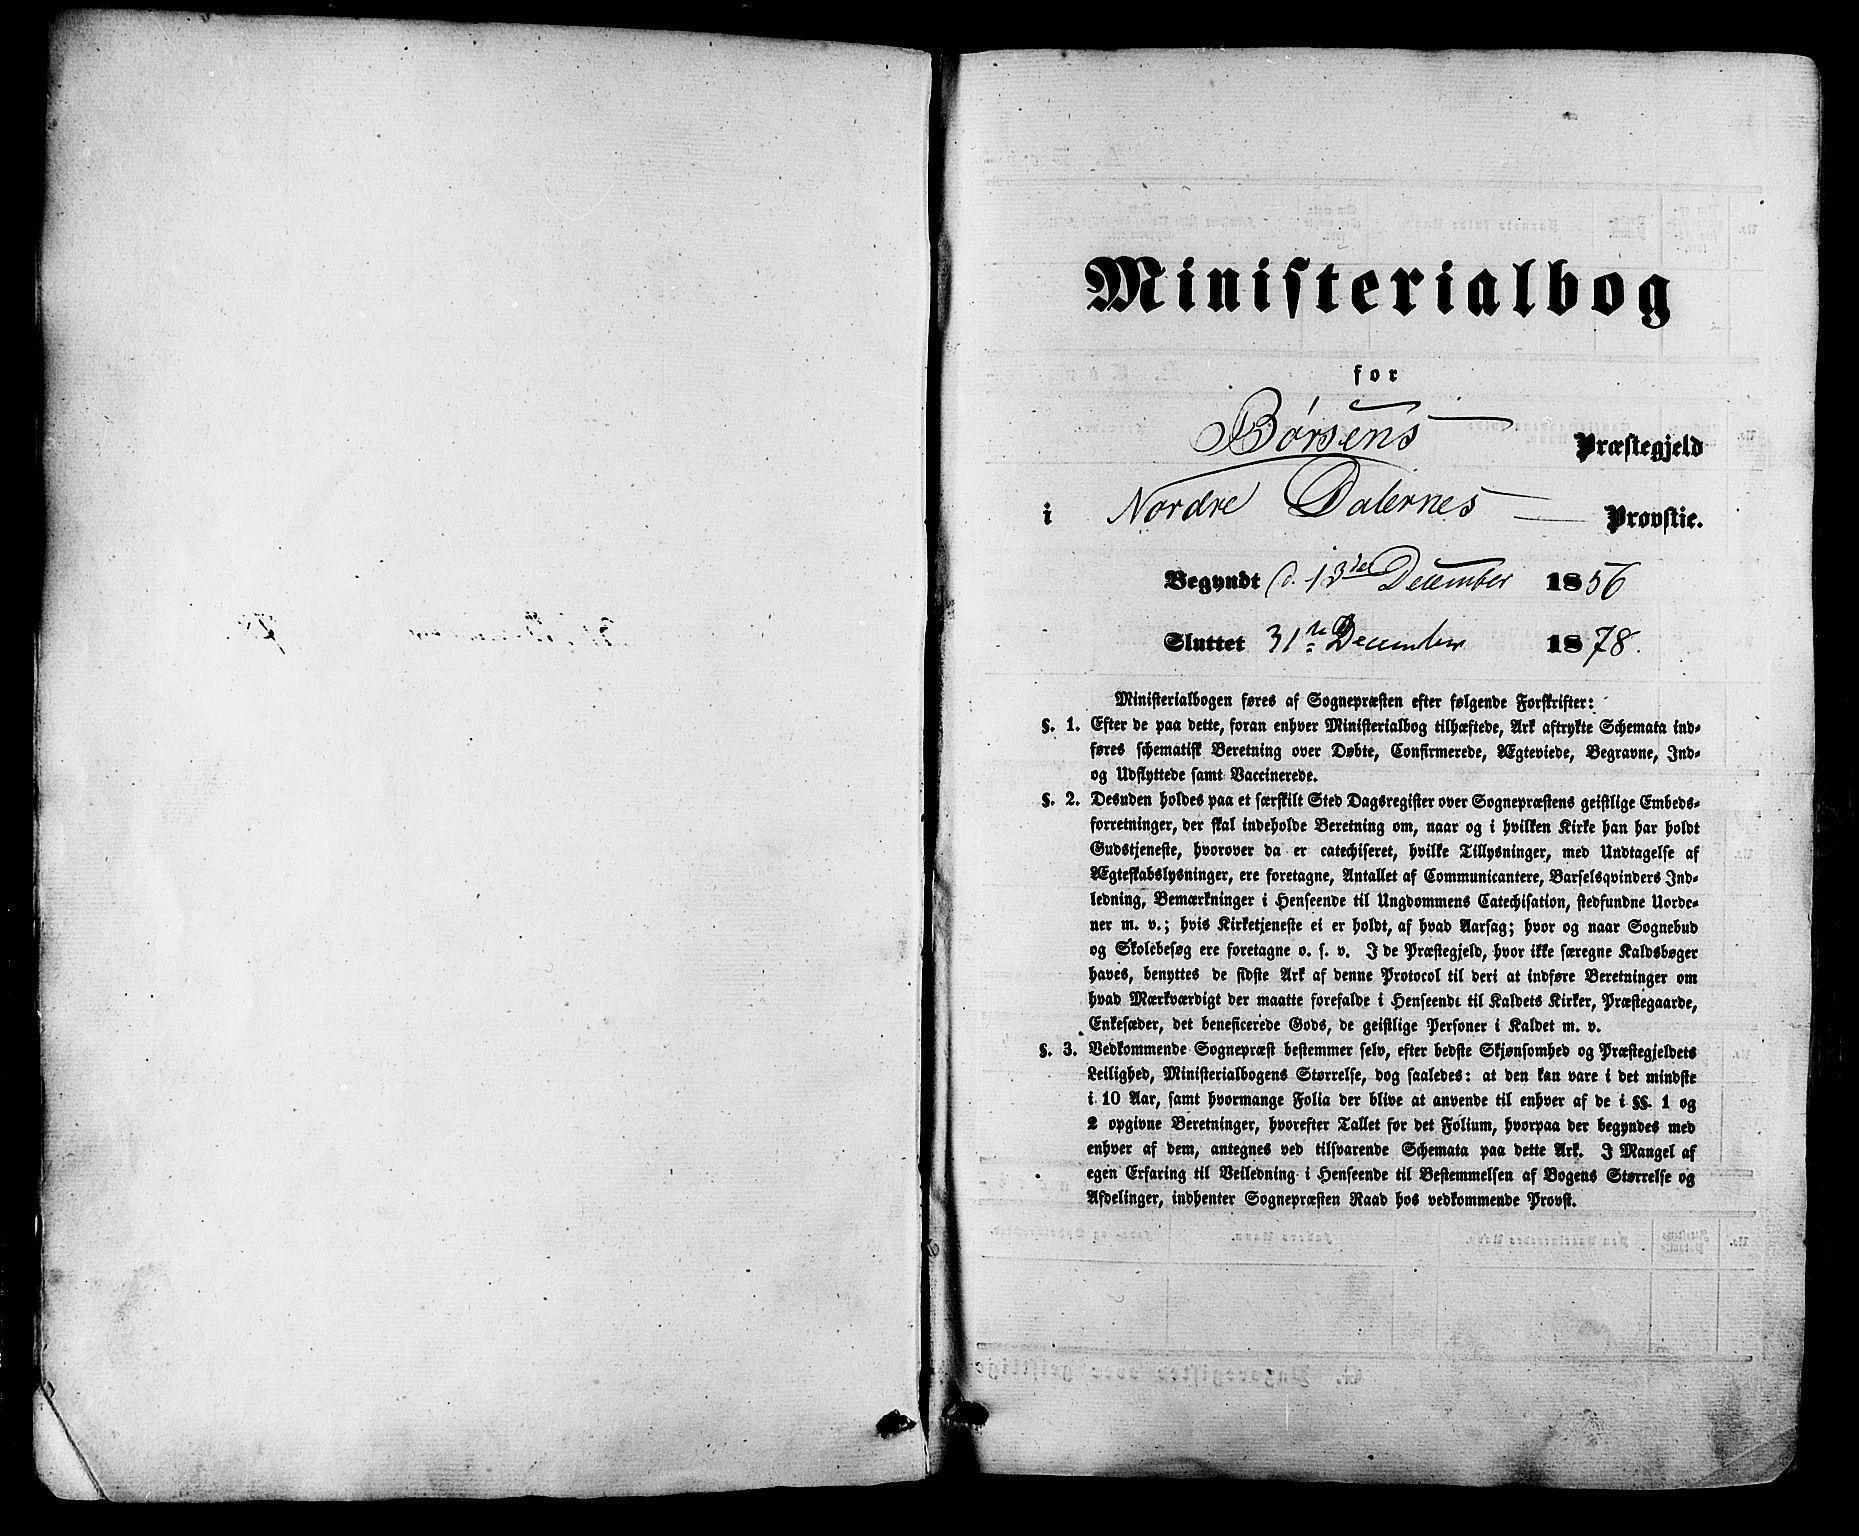 SAT, Ministerialprotokoller, klokkerbøker og fødselsregistre - Sør-Trøndelag, 665/L0772: Ministerialbok nr. 665A07, 1856-1878